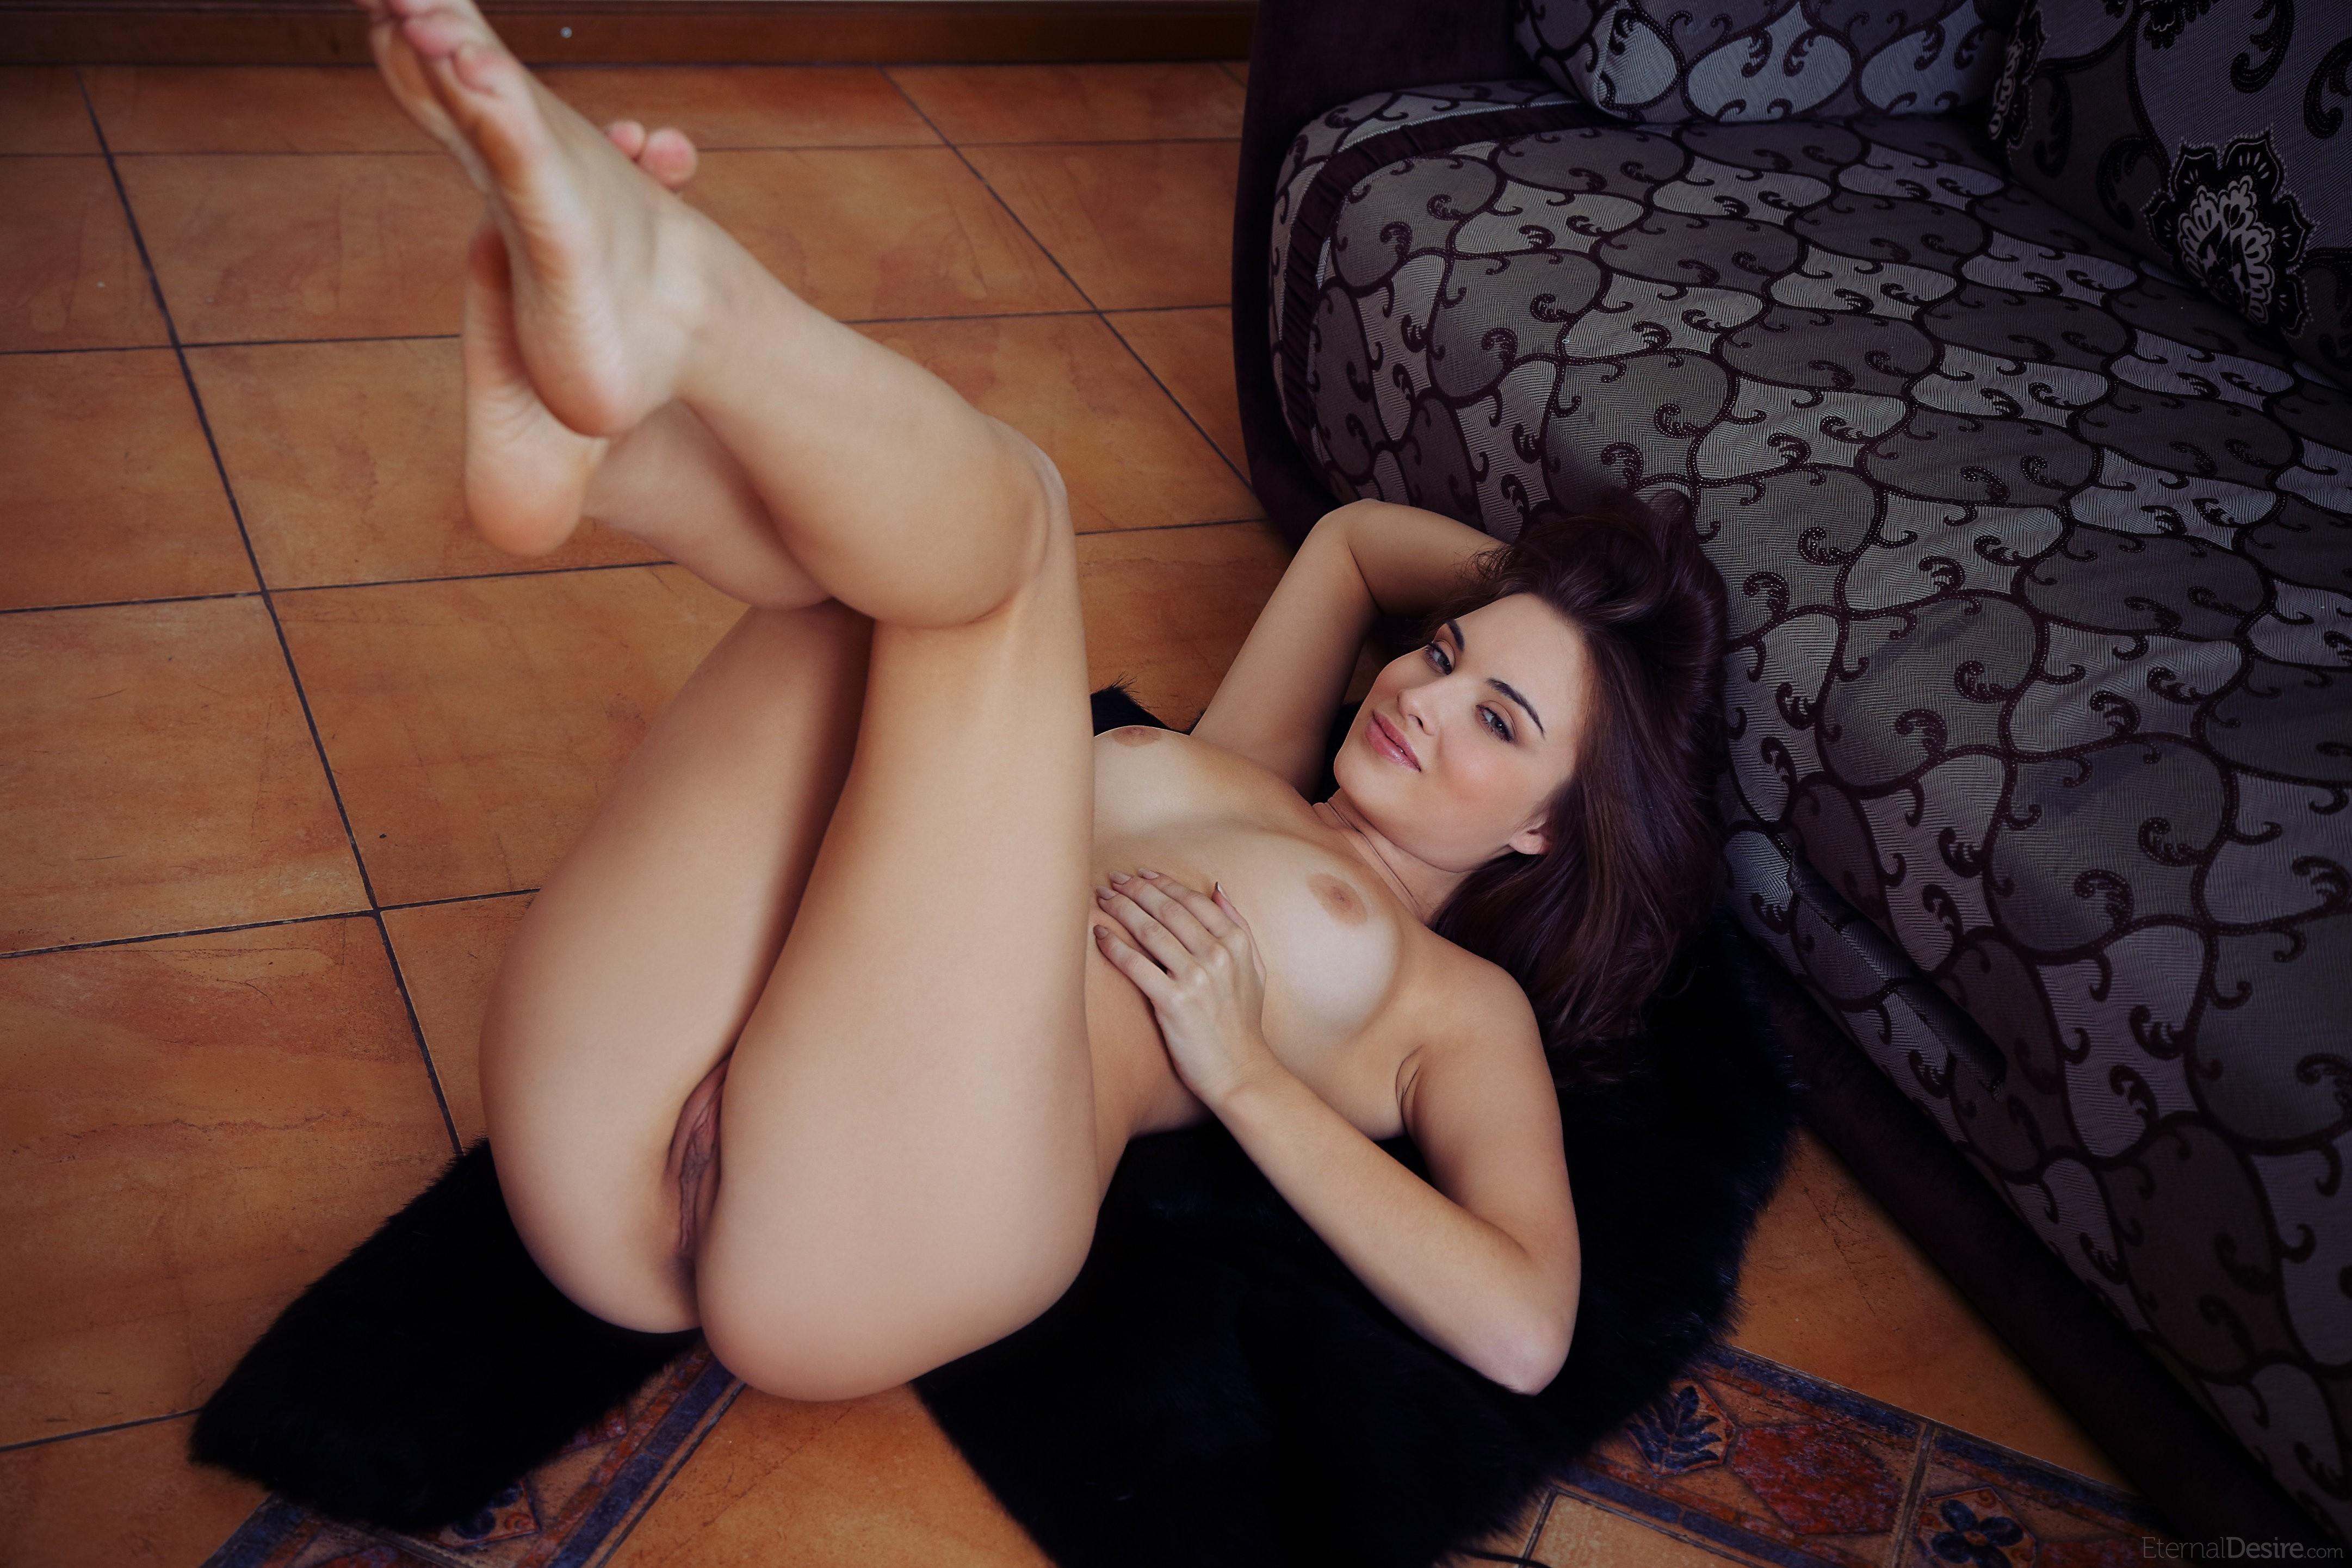 Вашем порно фото юлии галкиной клёвый сайт